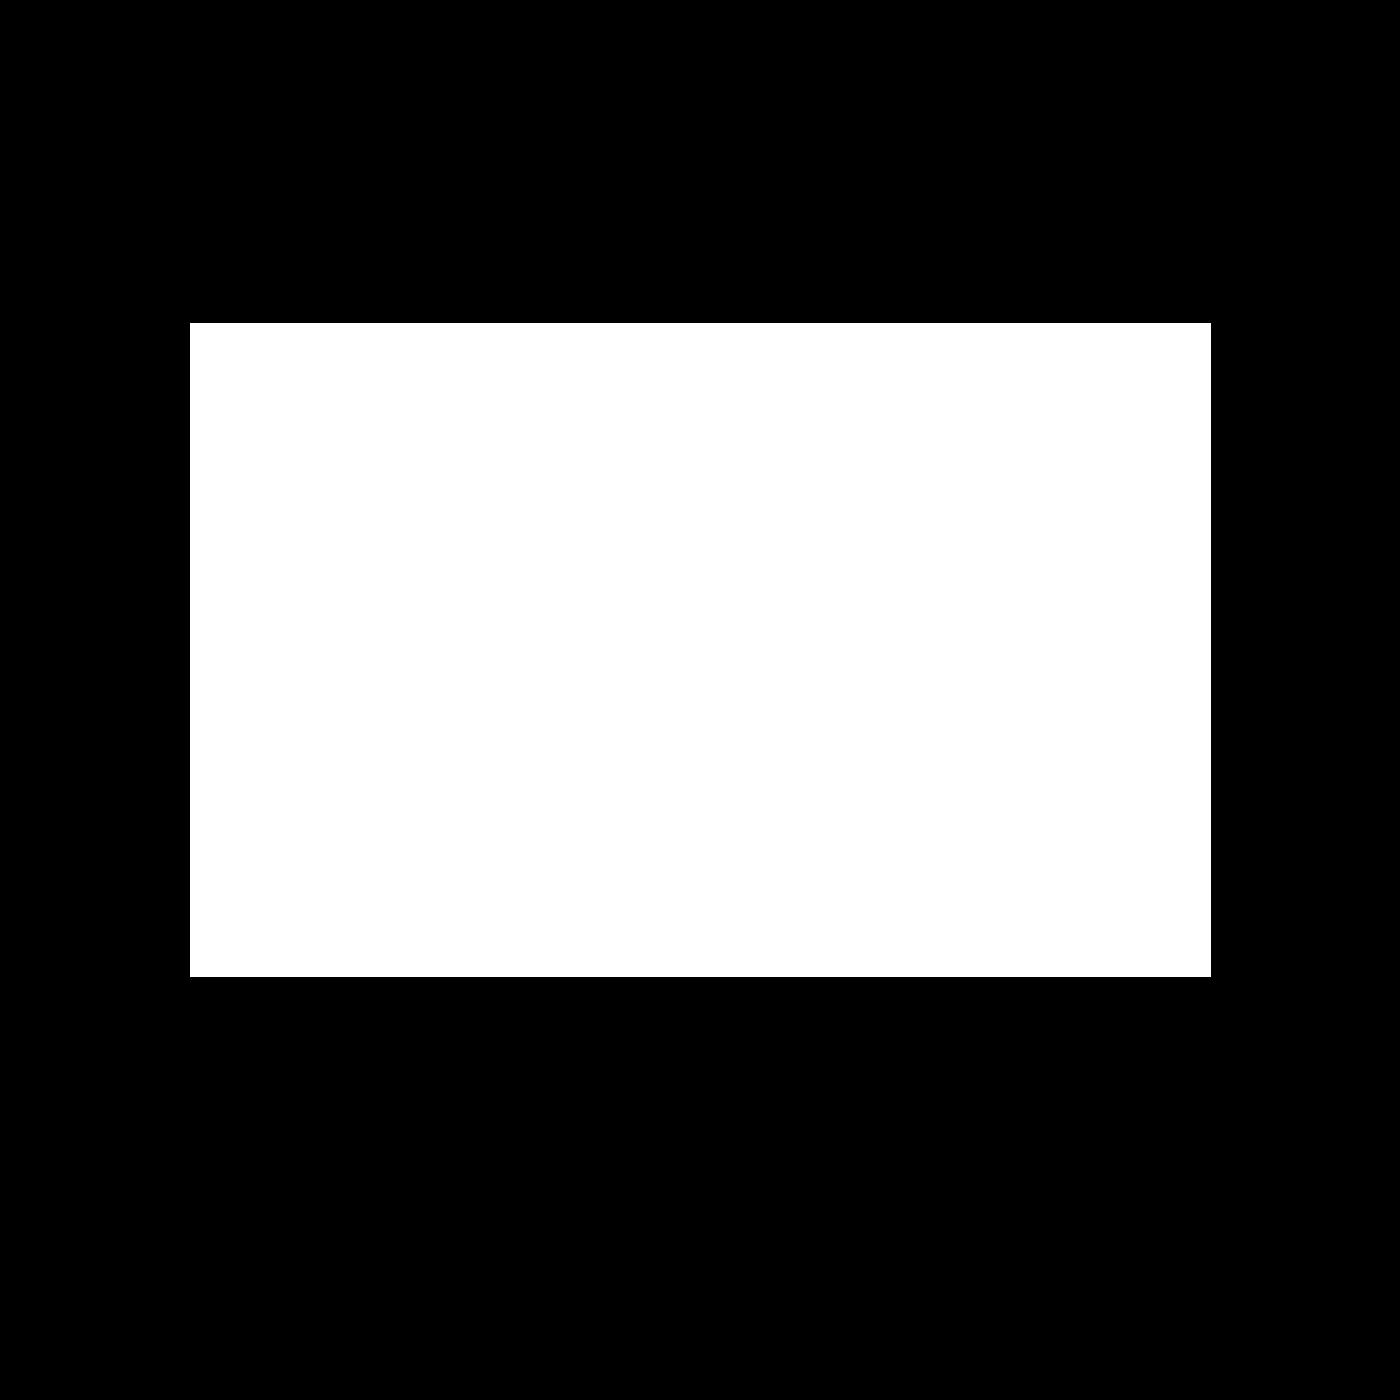 Calendrier Ramadan 2020 Caen.Site Officiel Du Paris Saint Germain